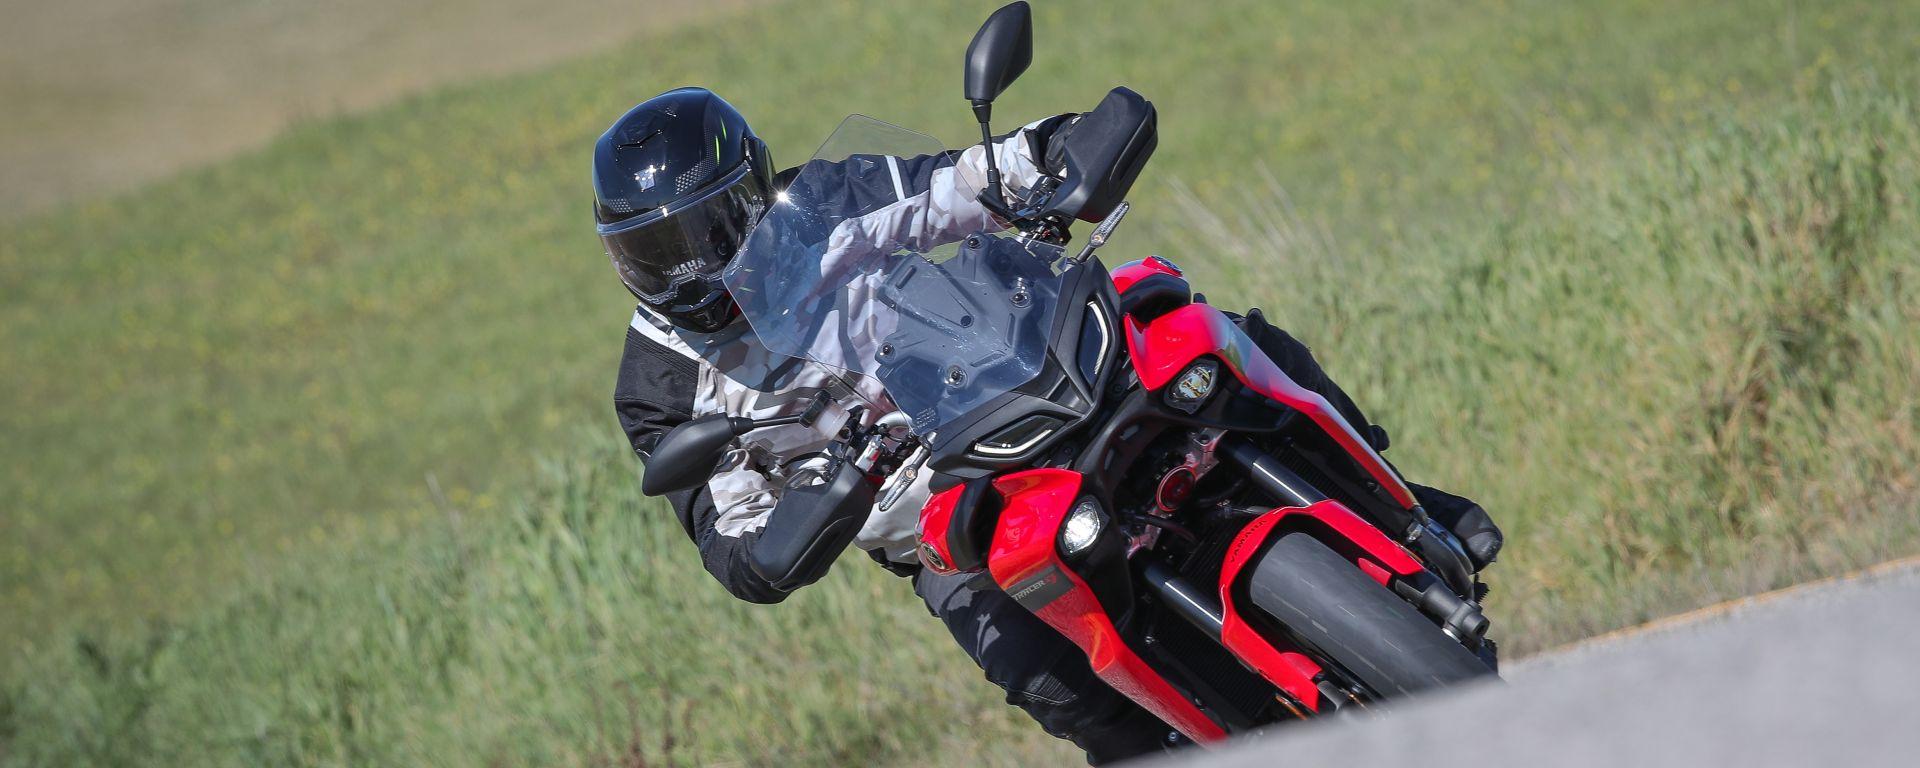 Yamaha Tracer 9 e Tracer 9 GT 2021: la prova in video